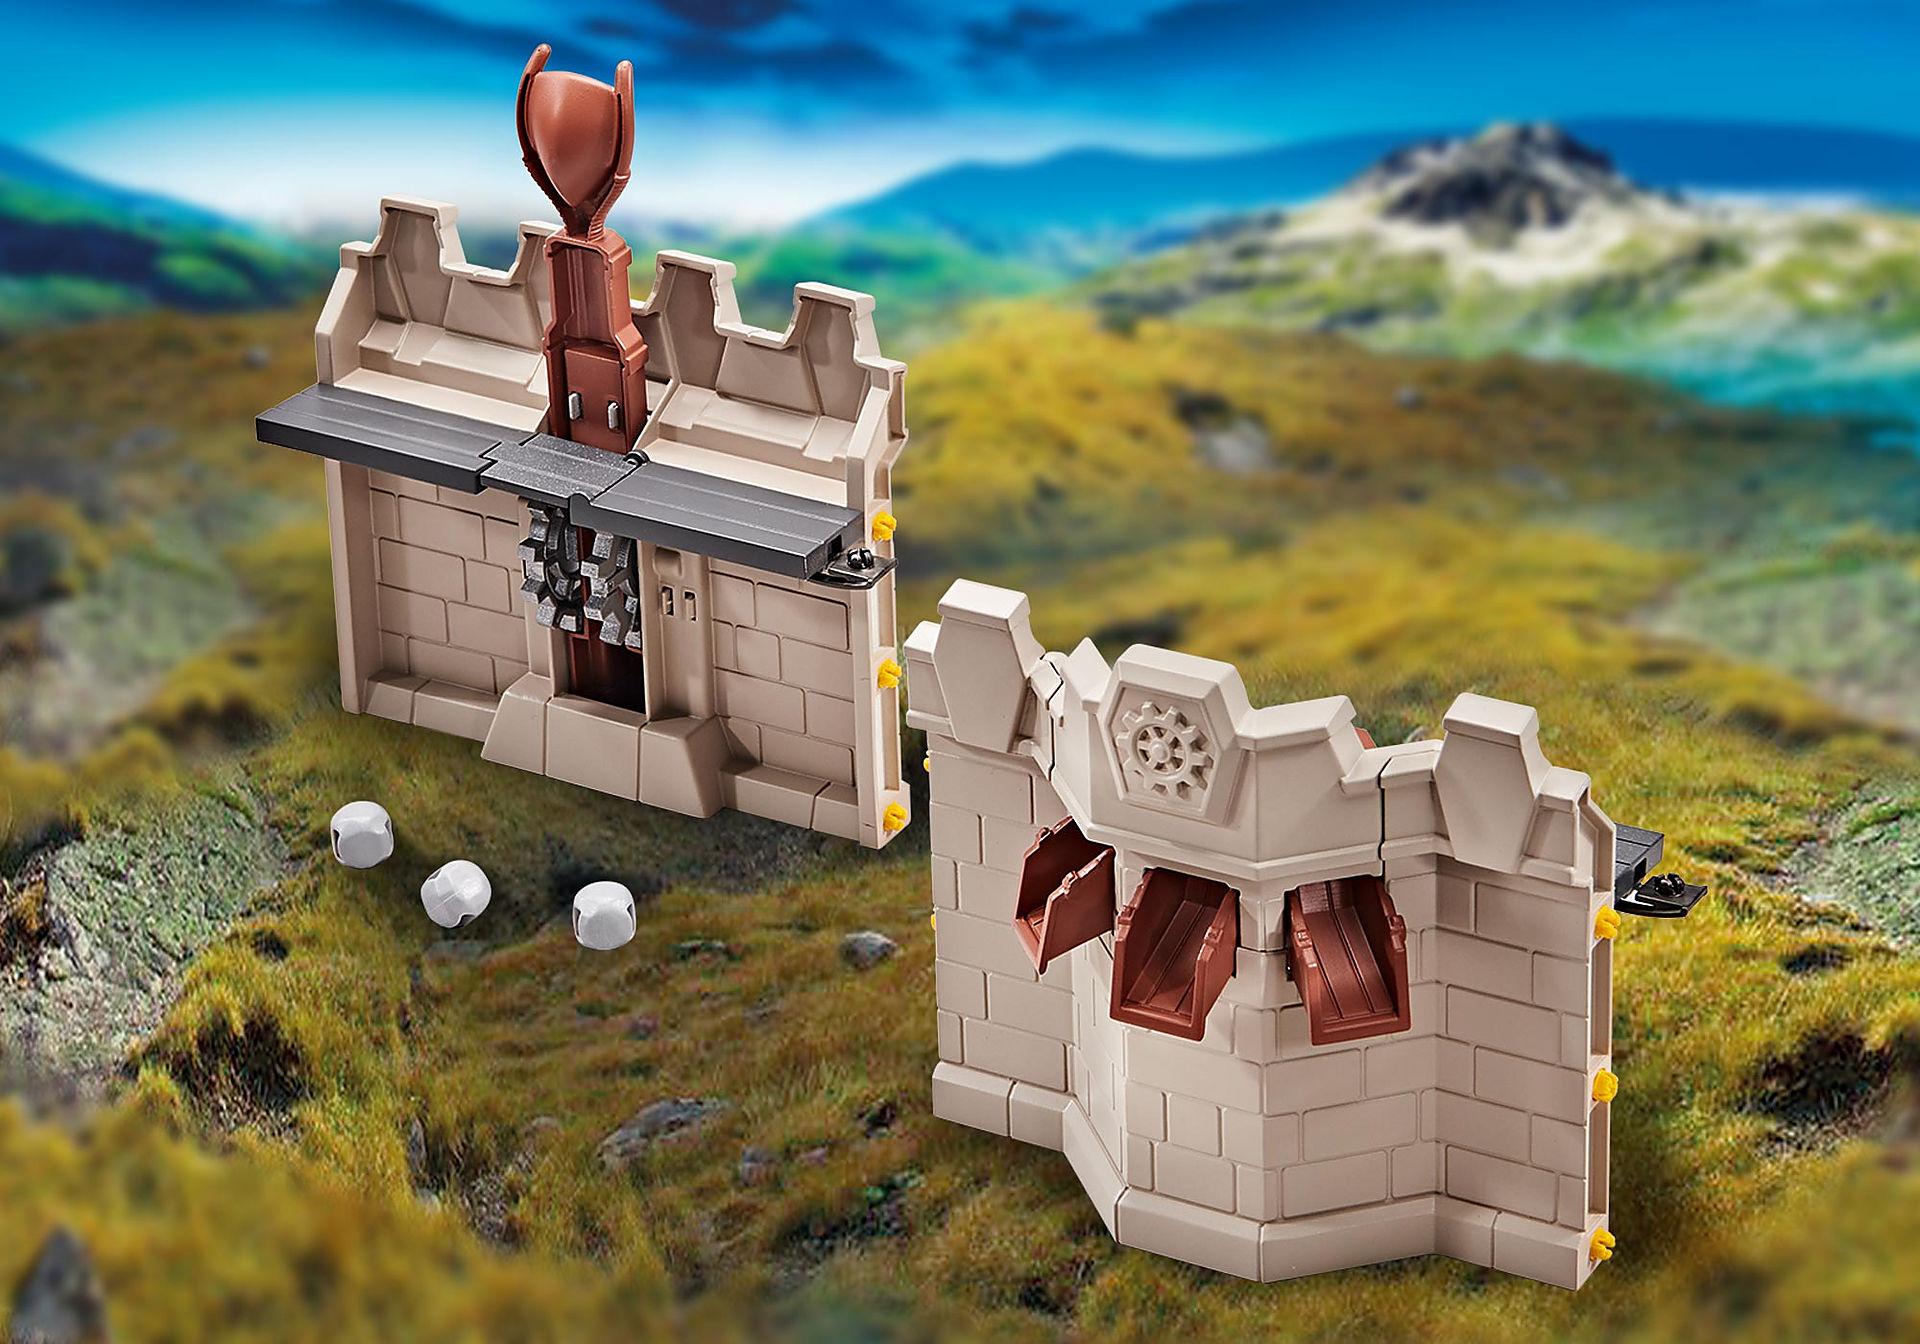 9839 Rozbudowa muru twierdzy rycerzy Novelmore z katapultą zoom image1